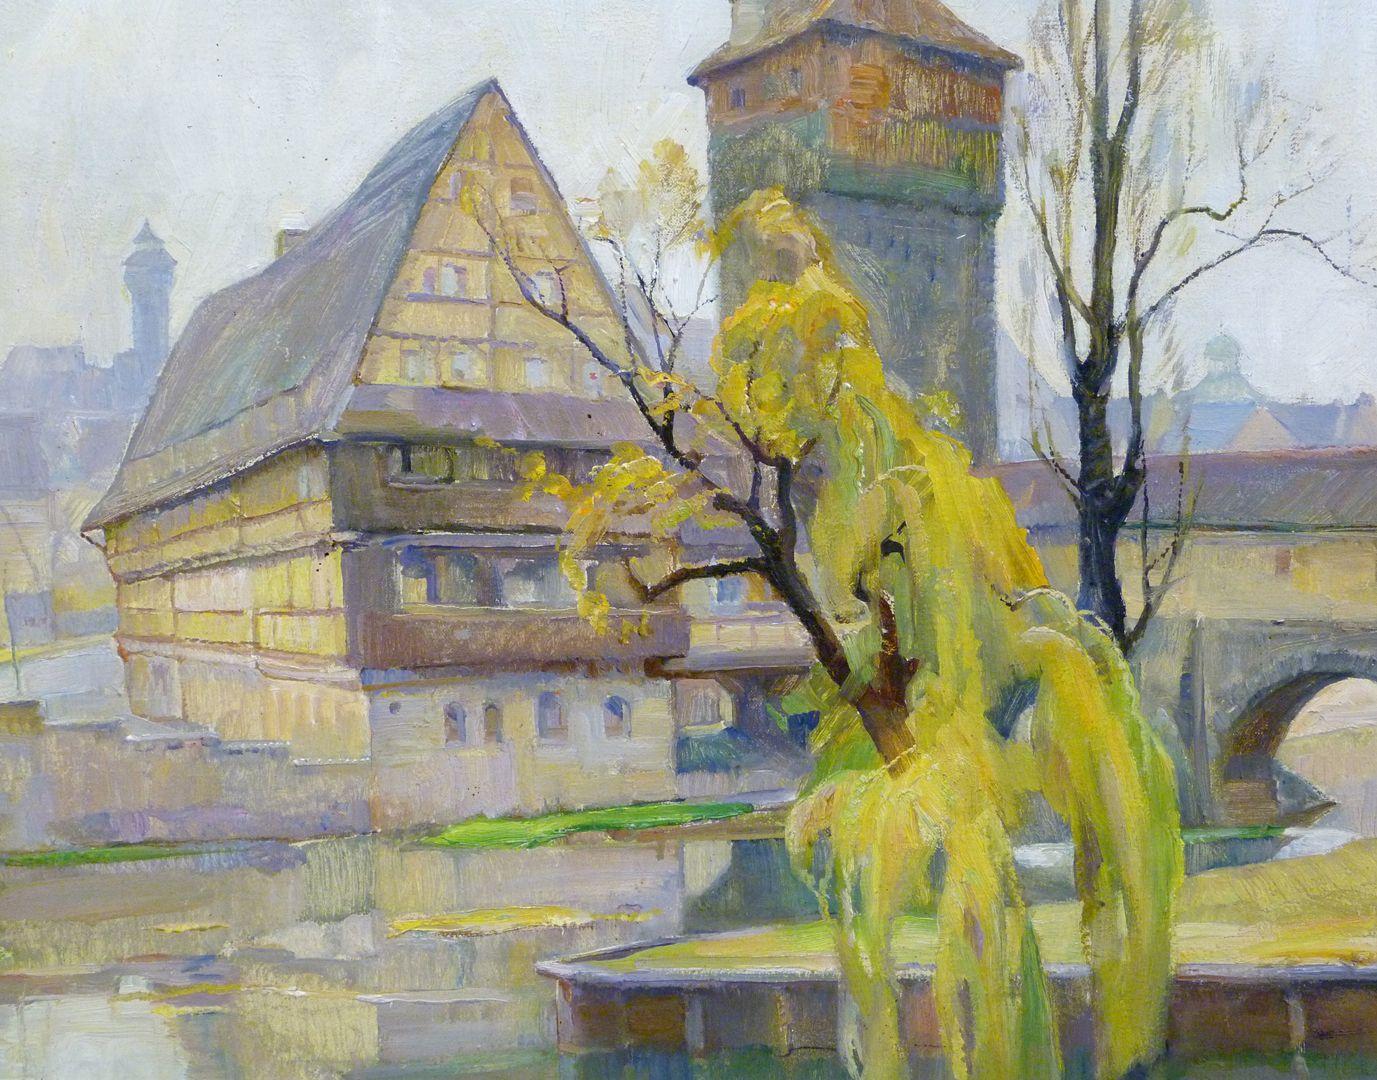 Weinstadel Weinstadel und Wasserturm mit Henkerwohnung über der Pegnitz